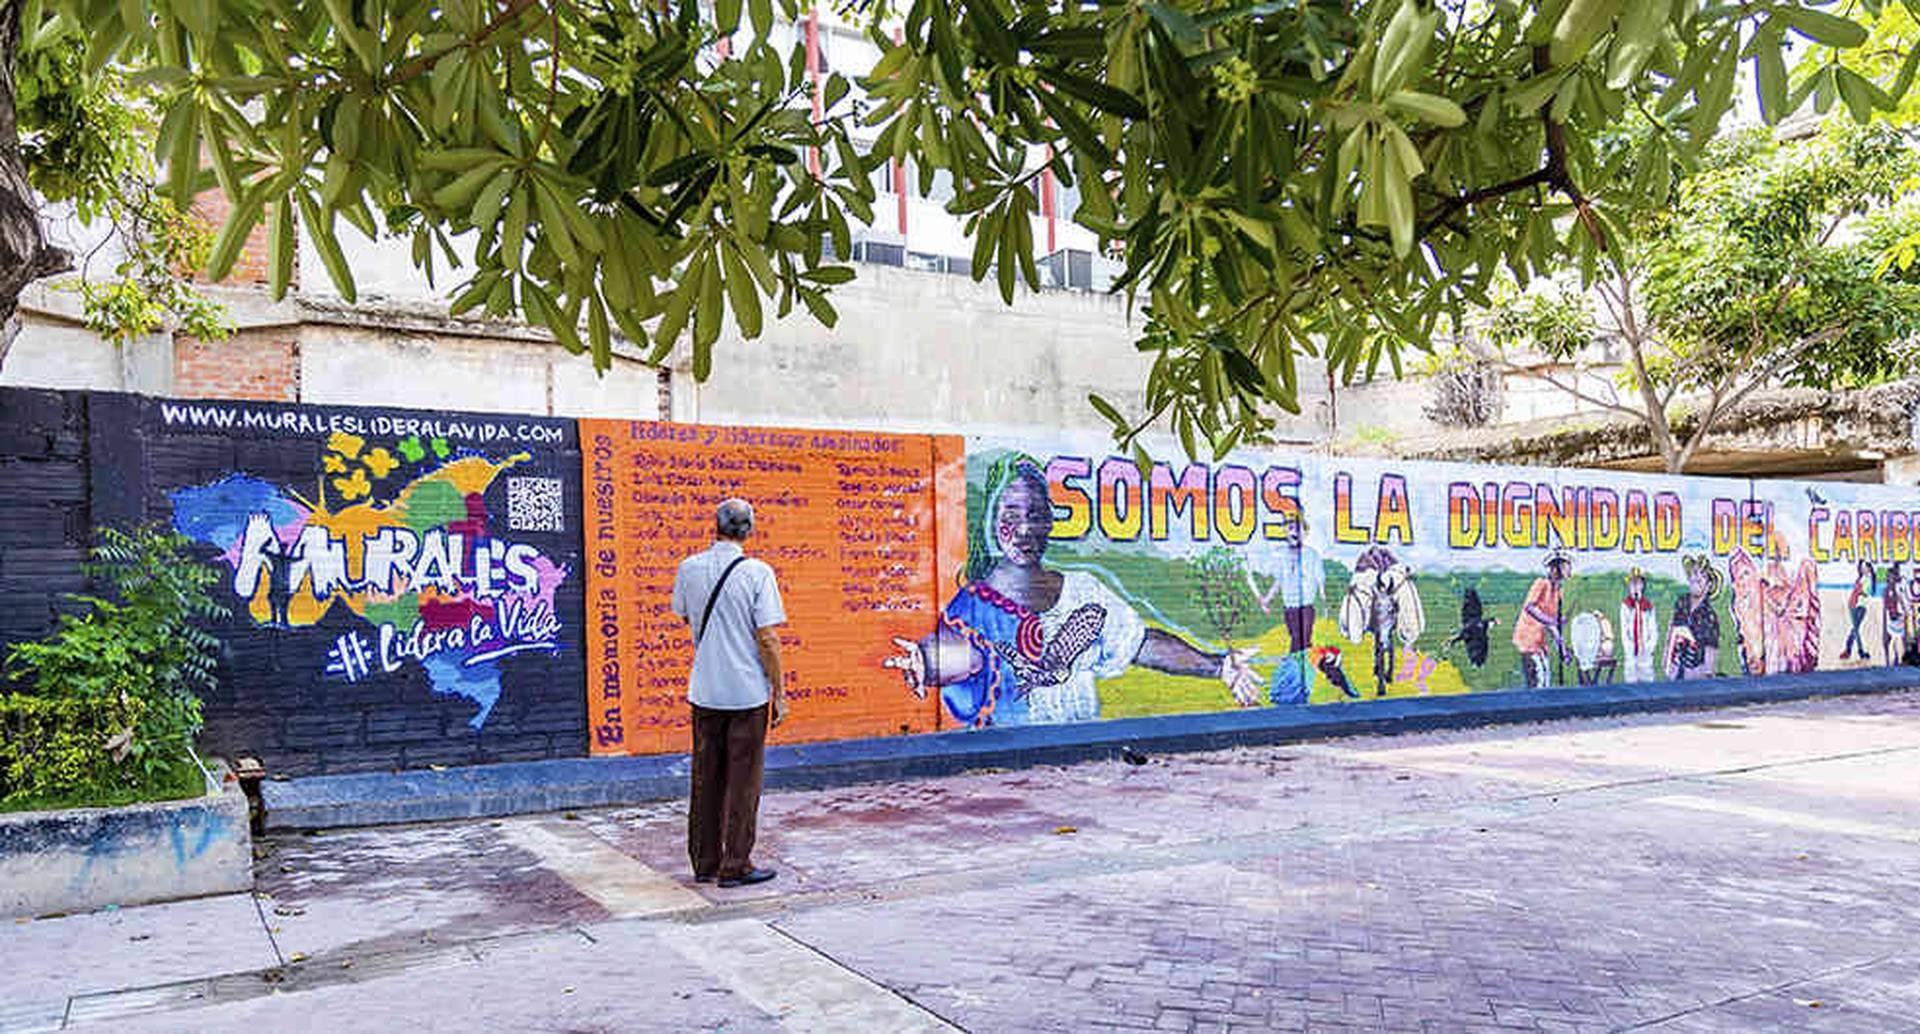 Uno de los murales de la campaña 'Lidera la vida', ubicado en Cartagena, en el sector La Matuna.